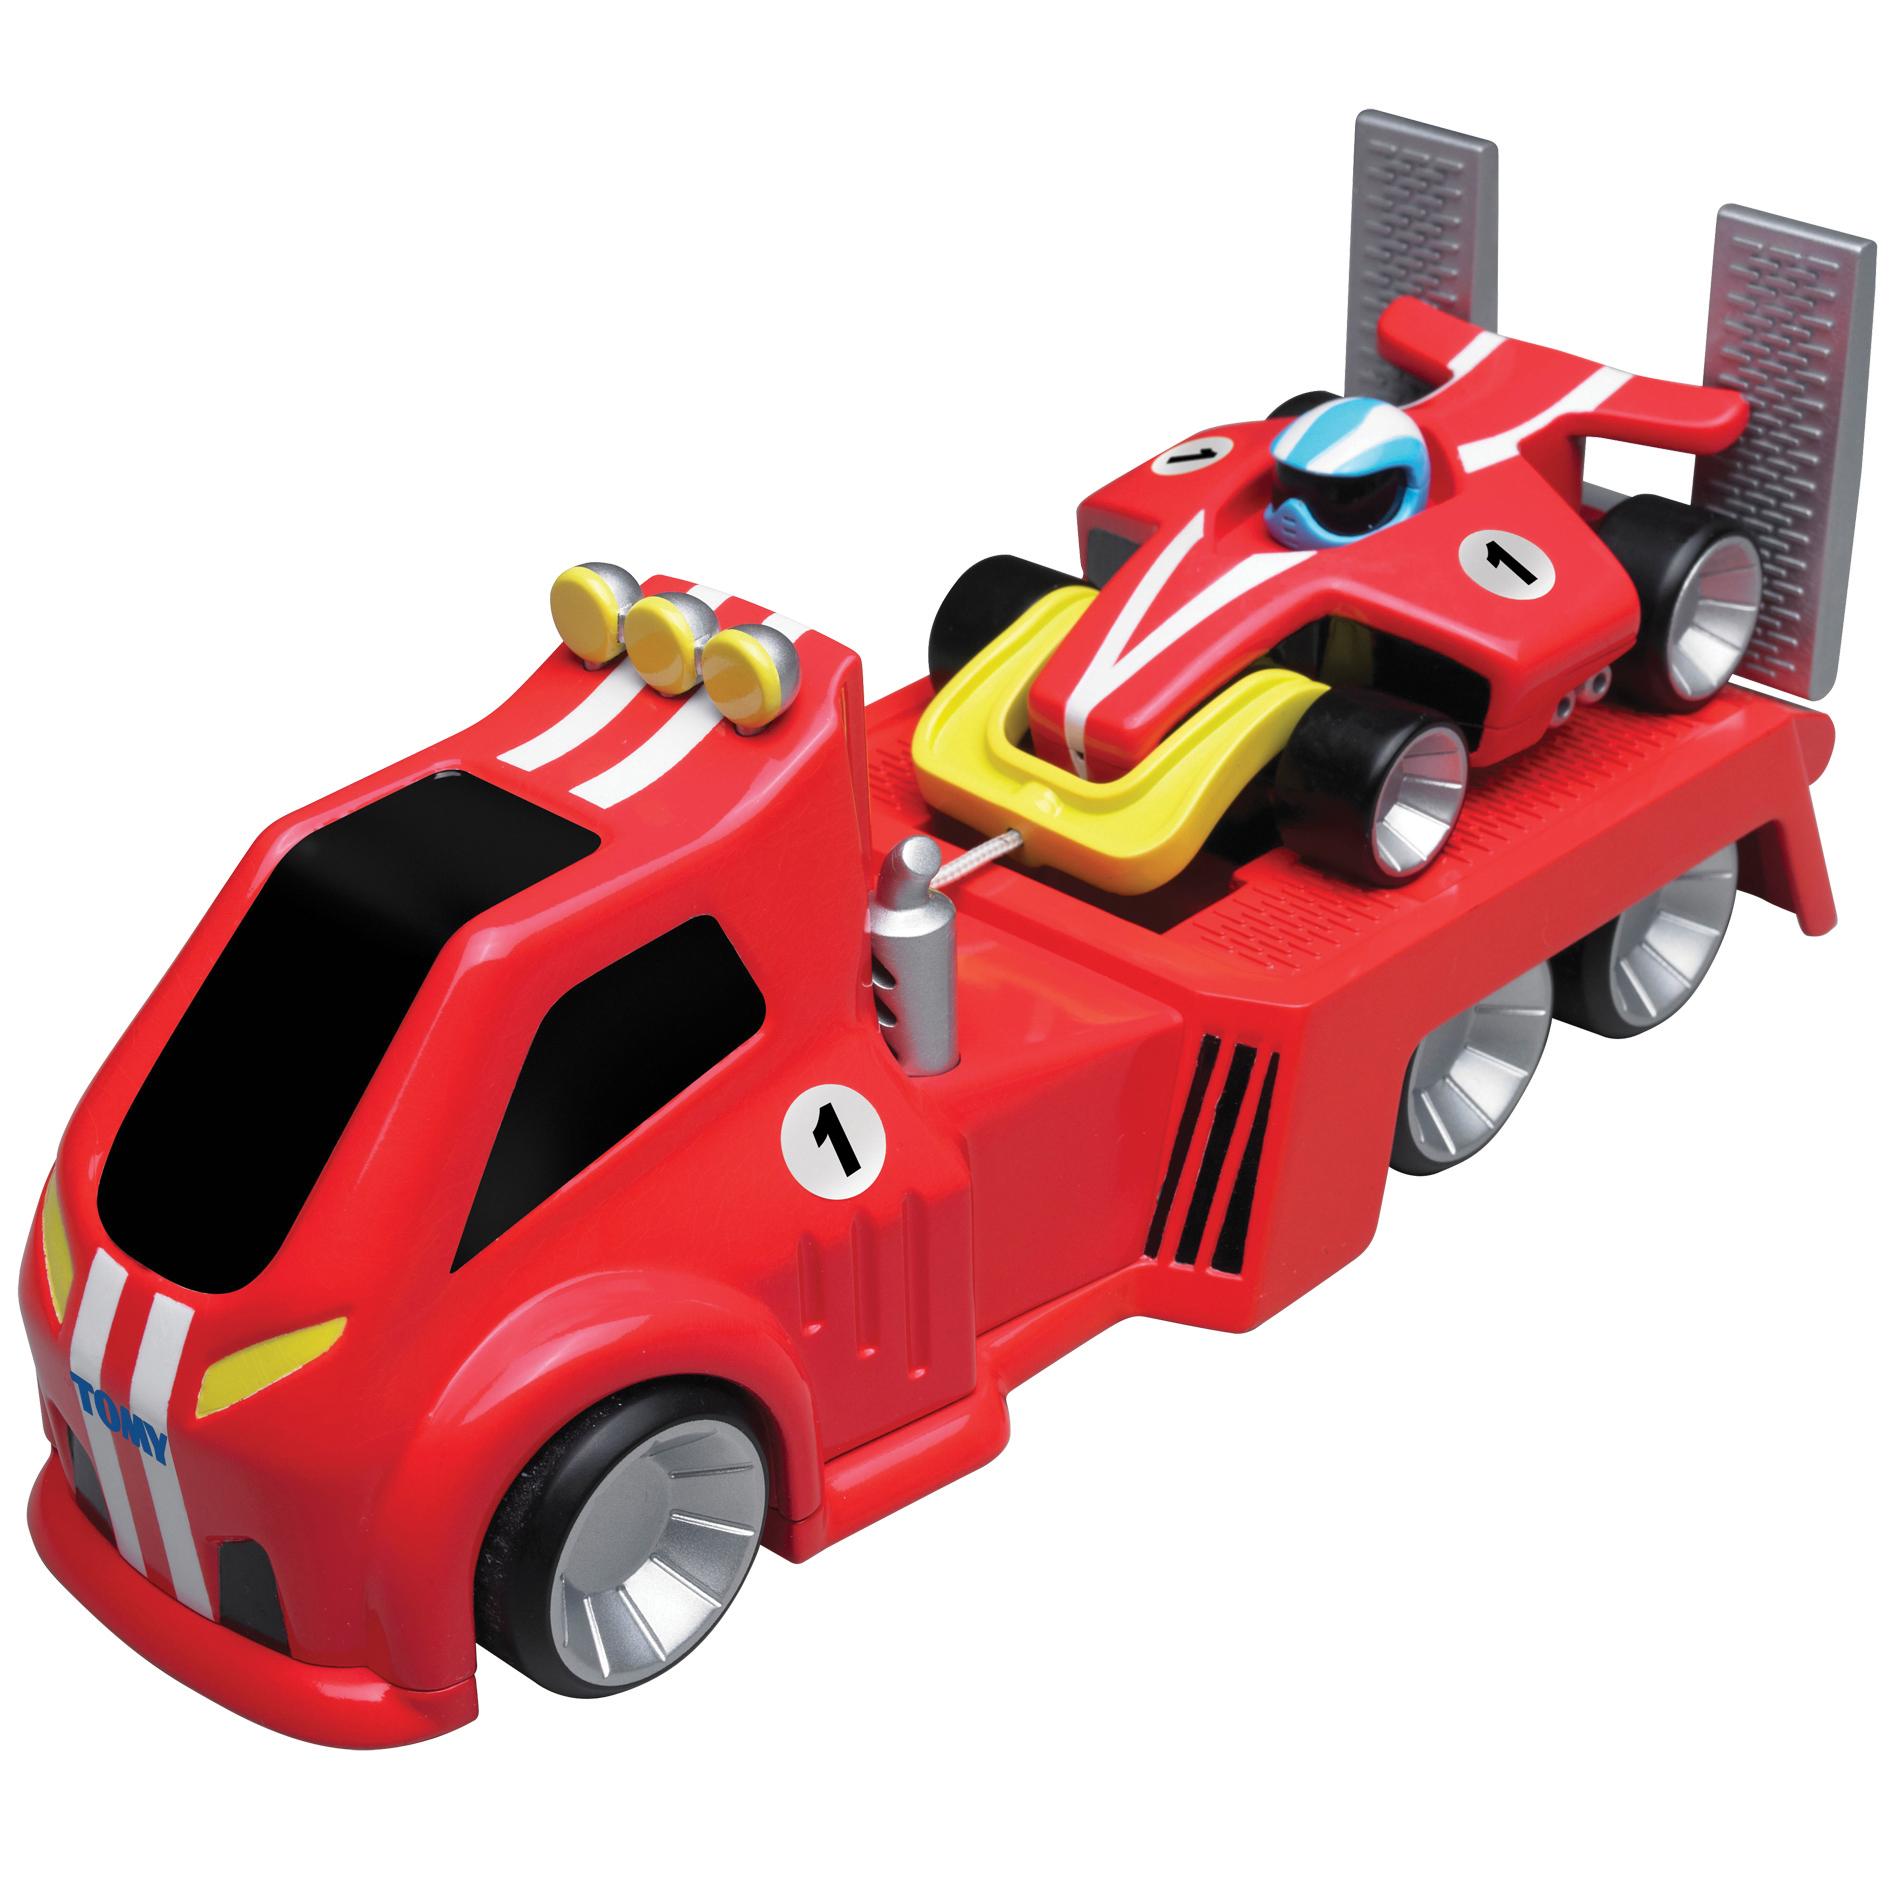 Tow N Go >> Tow N Go Racer Down On The Farm